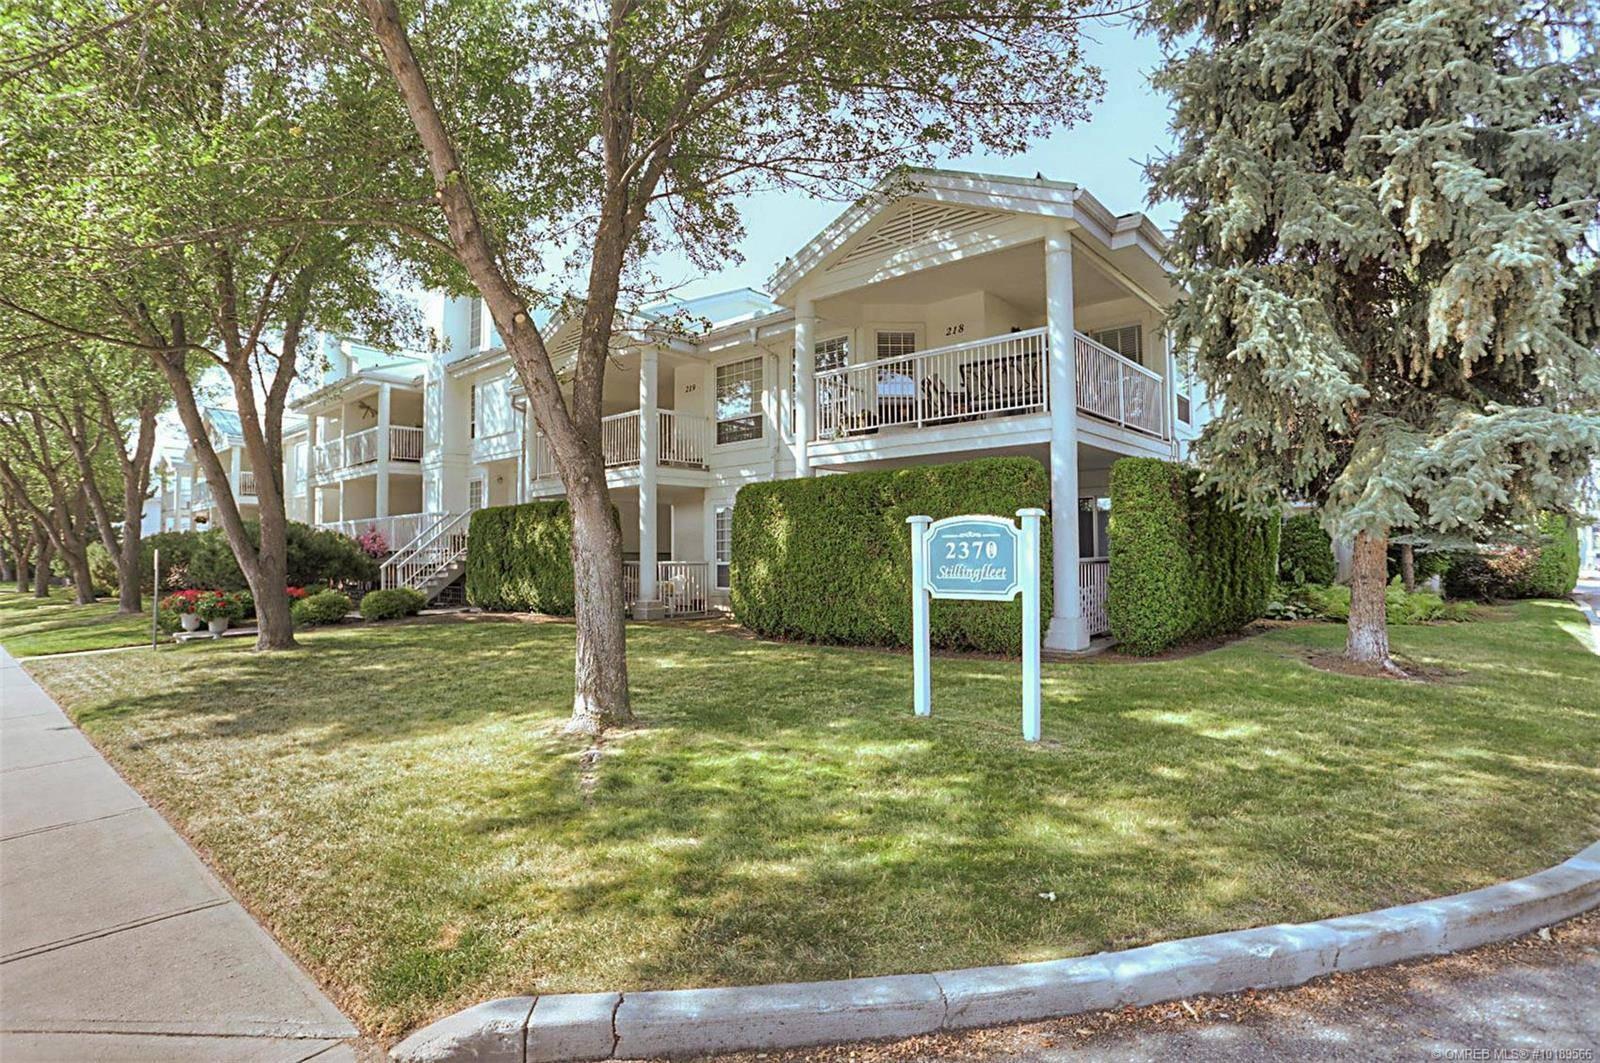 Townhouse for sale at 2370 Stillingfleet Rd Unit 226 Kelowna British Columbia - MLS: 10189566